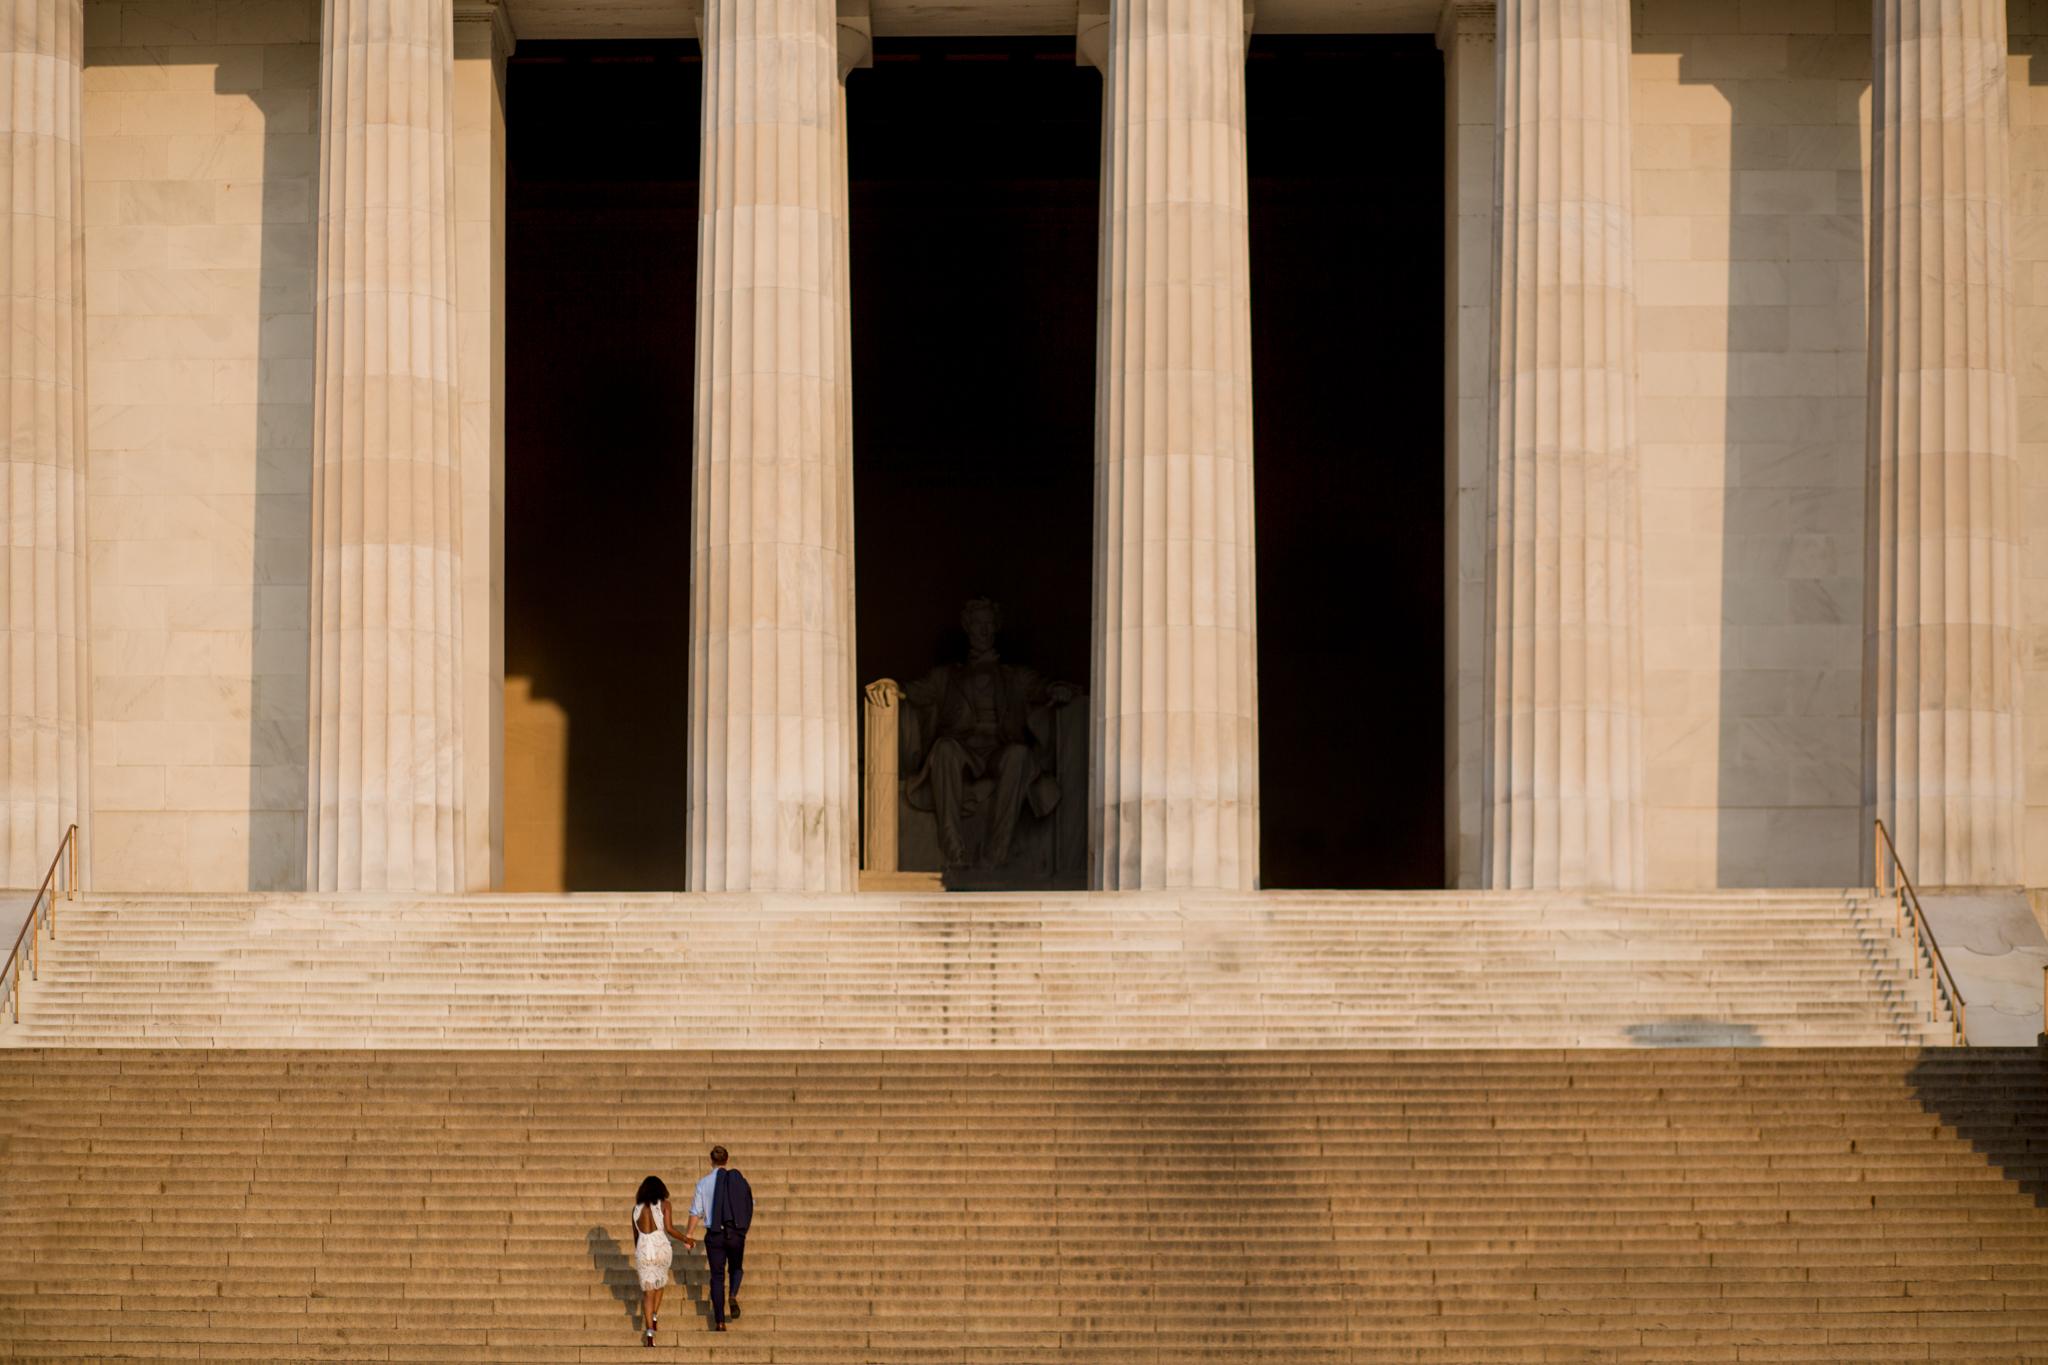 Lincoln Memorial MLK FDR-4.jpg